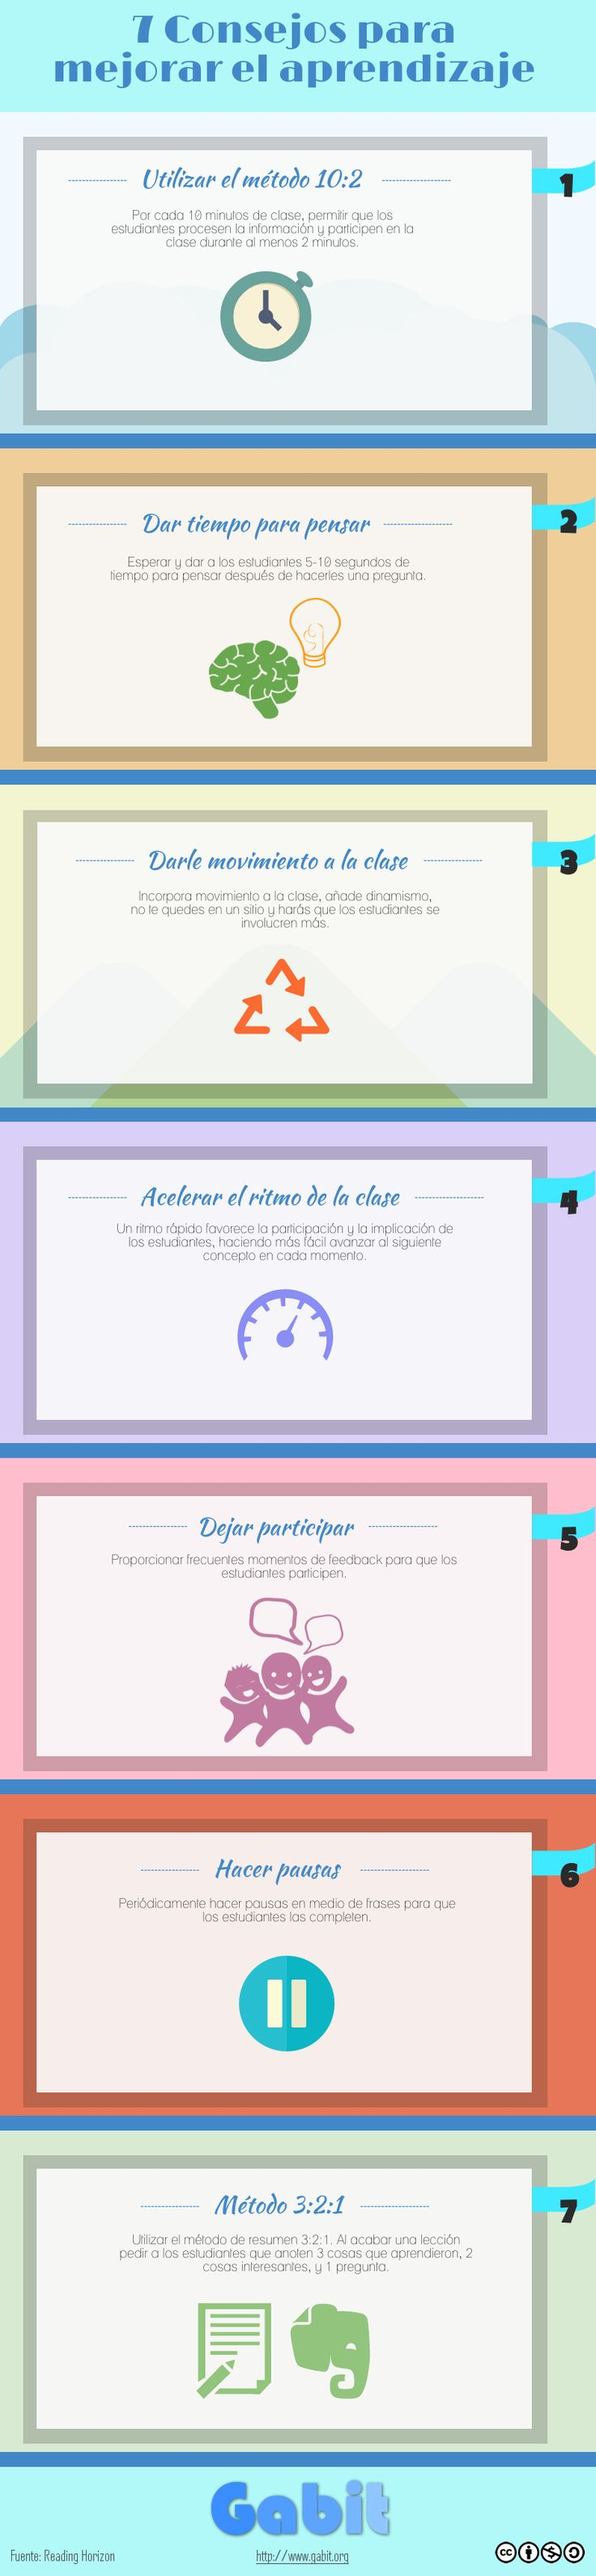 #Infografia #Curiosidades 7 consejos para mejorar el aprendizaje. #TAVnews